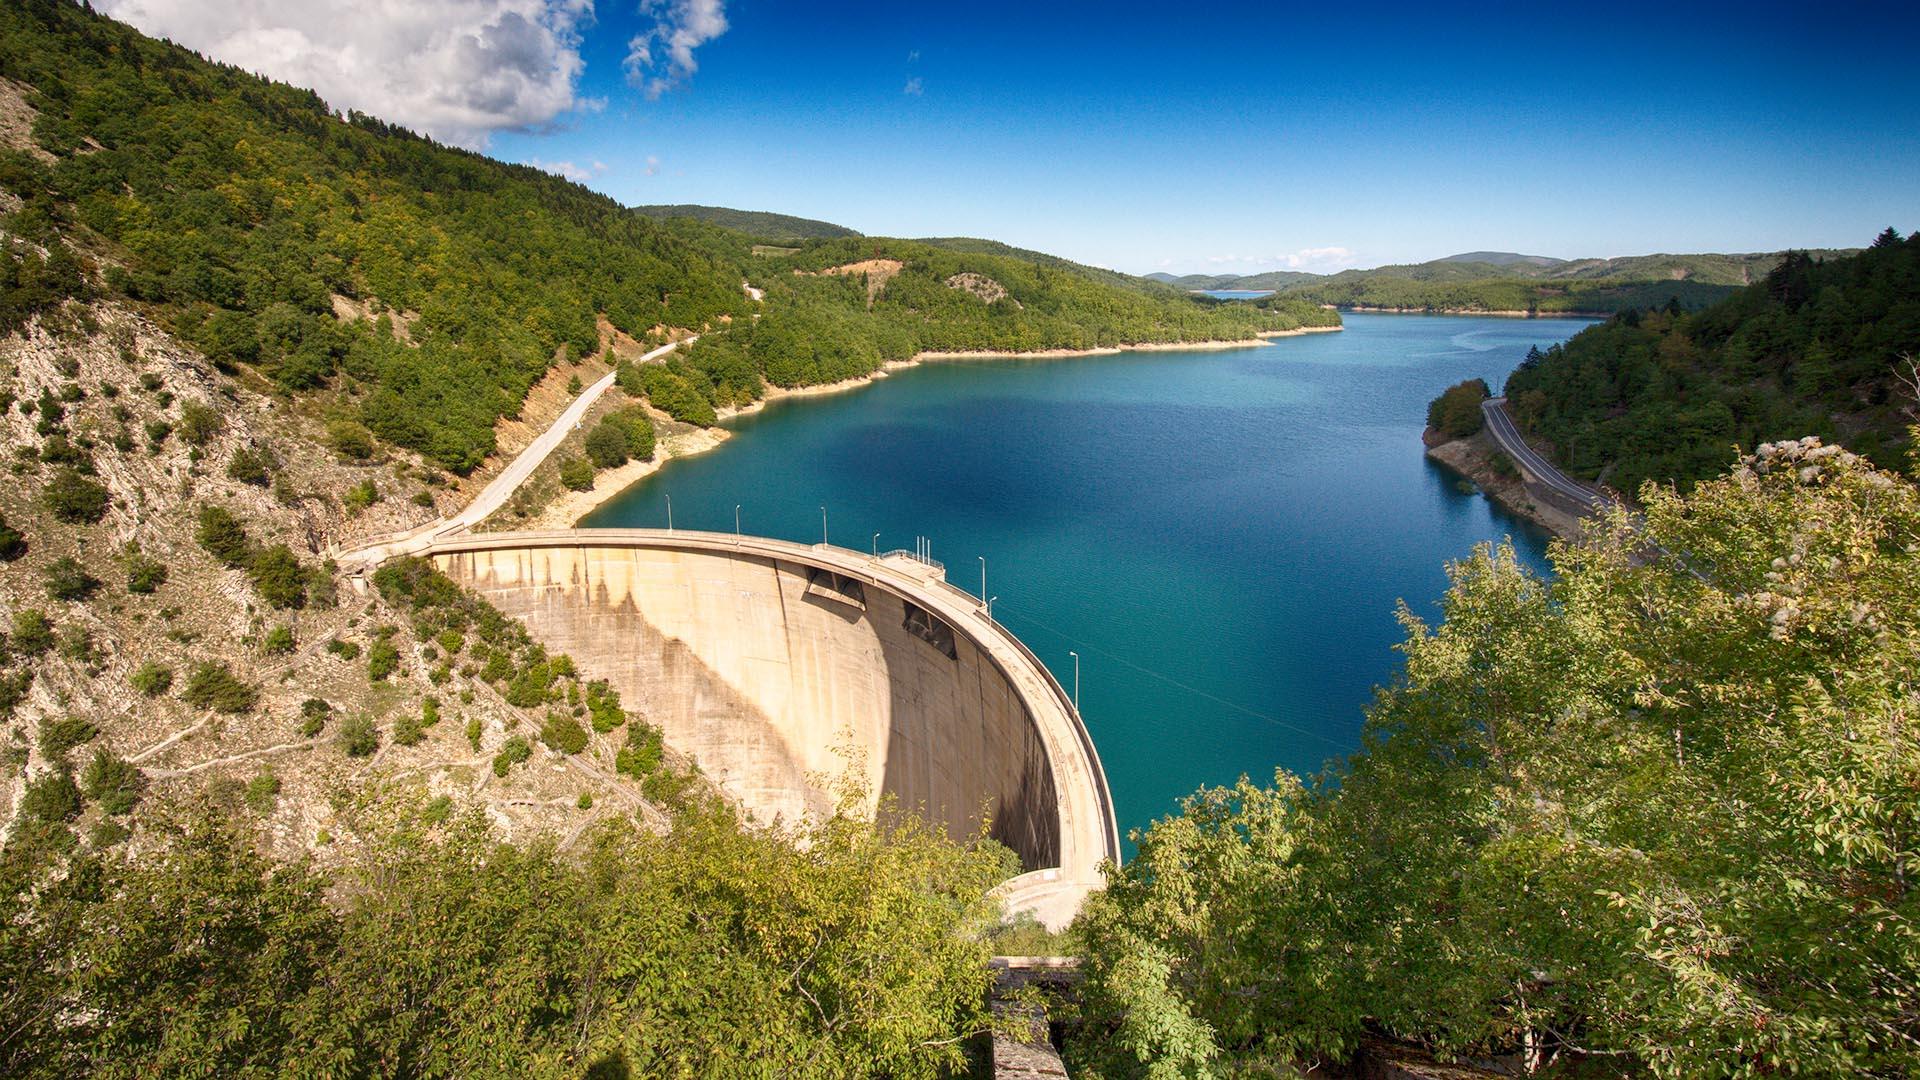 Ποδηλατική multisport εκδρομή στη Λίμνη Πλαστήρα 56km